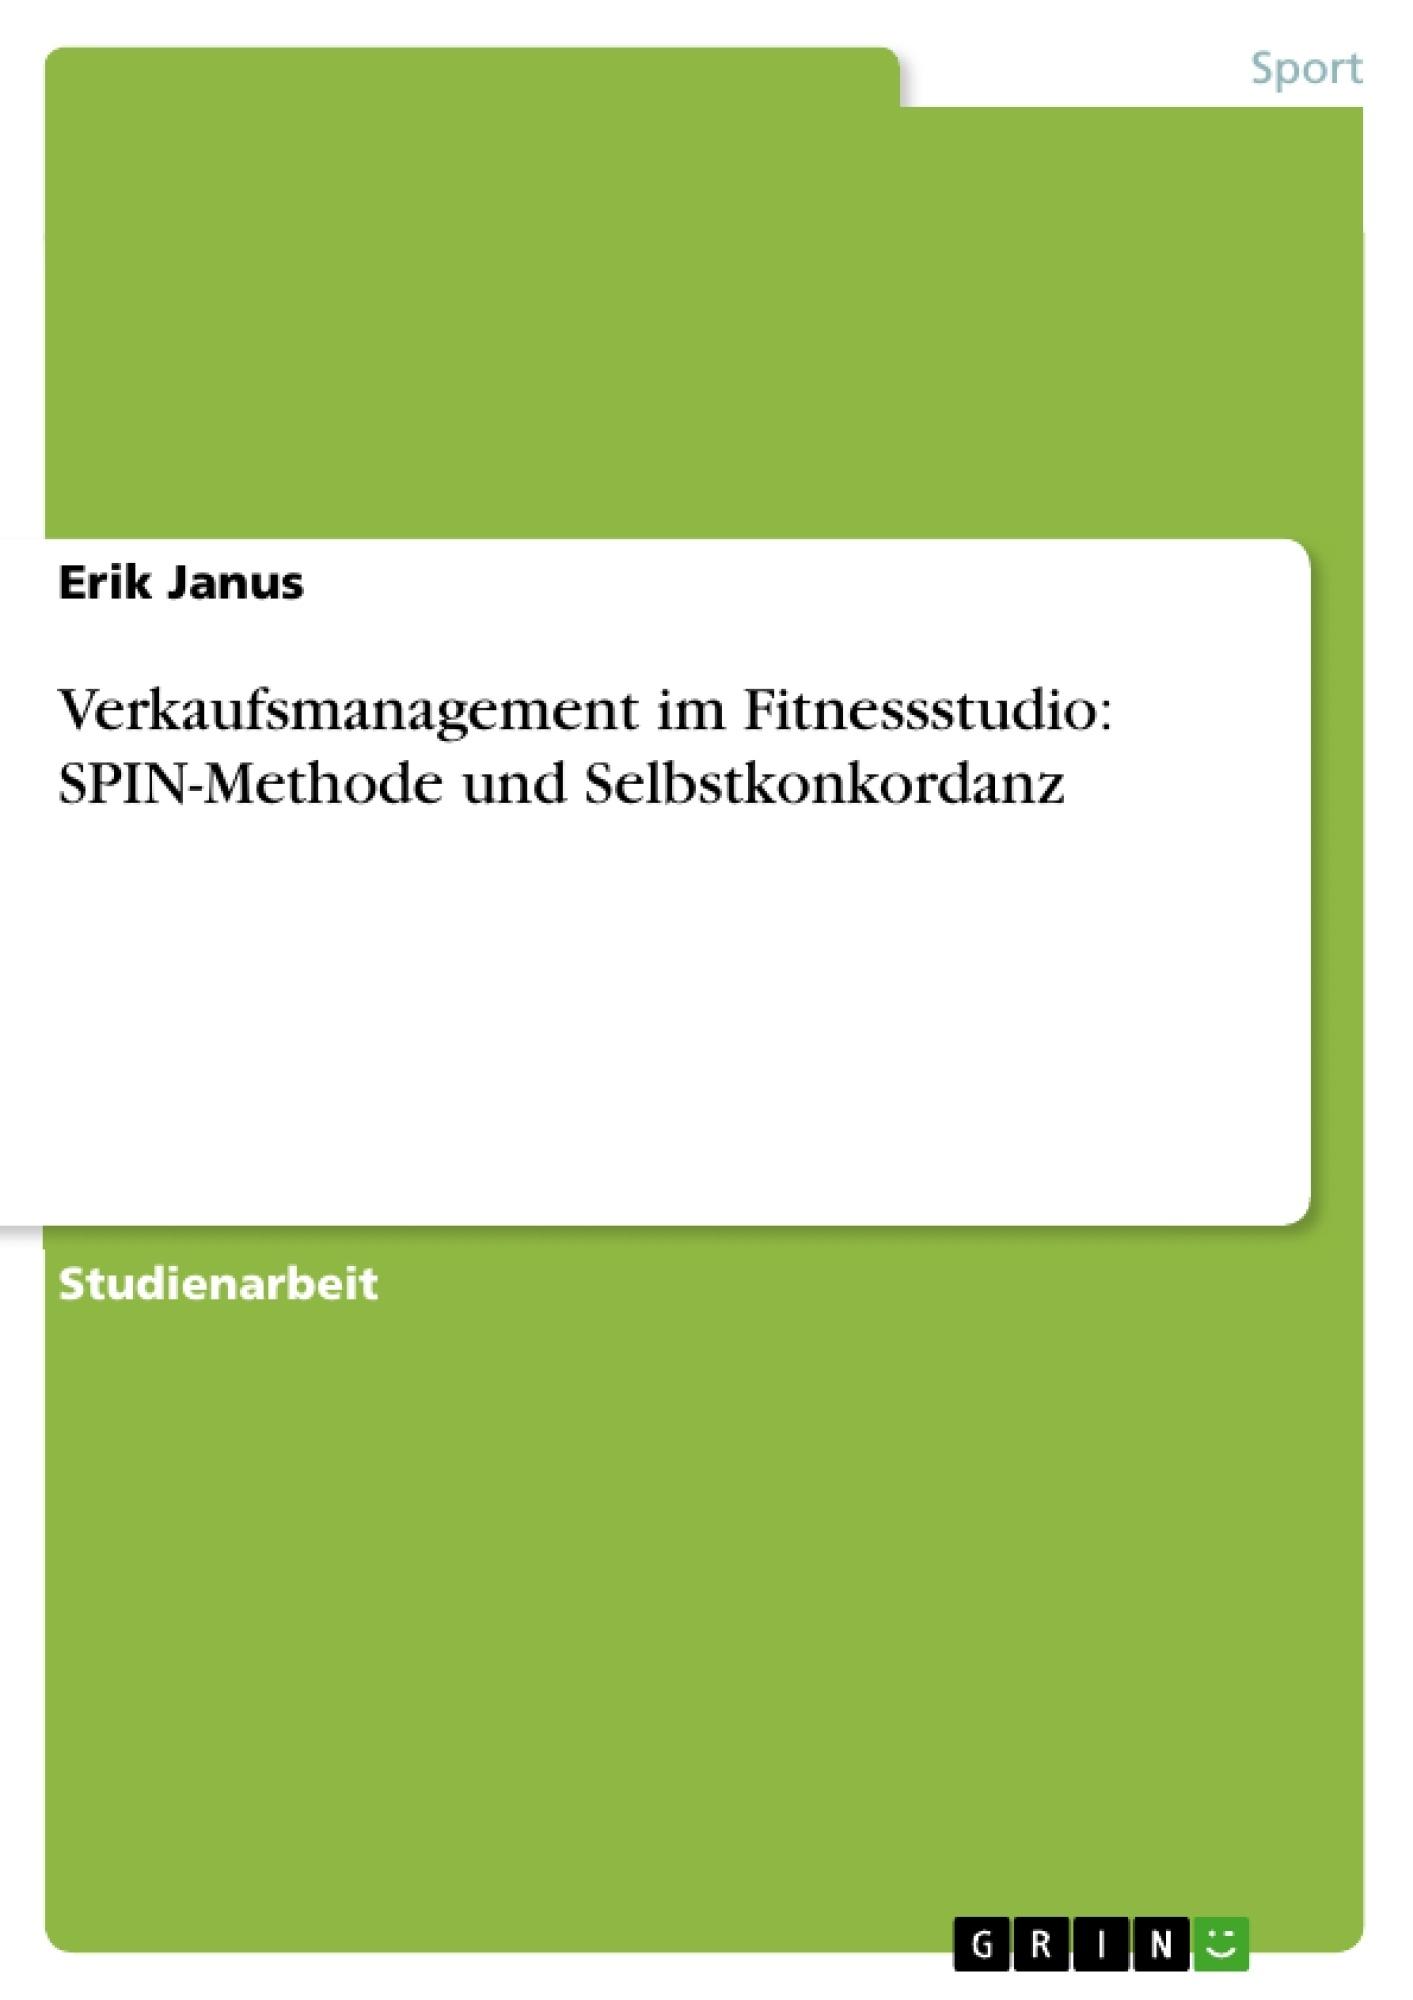 Titel: Verkaufsmanagement im Fitnessstudio: SPIN-Methode und Selbstkonkordanz